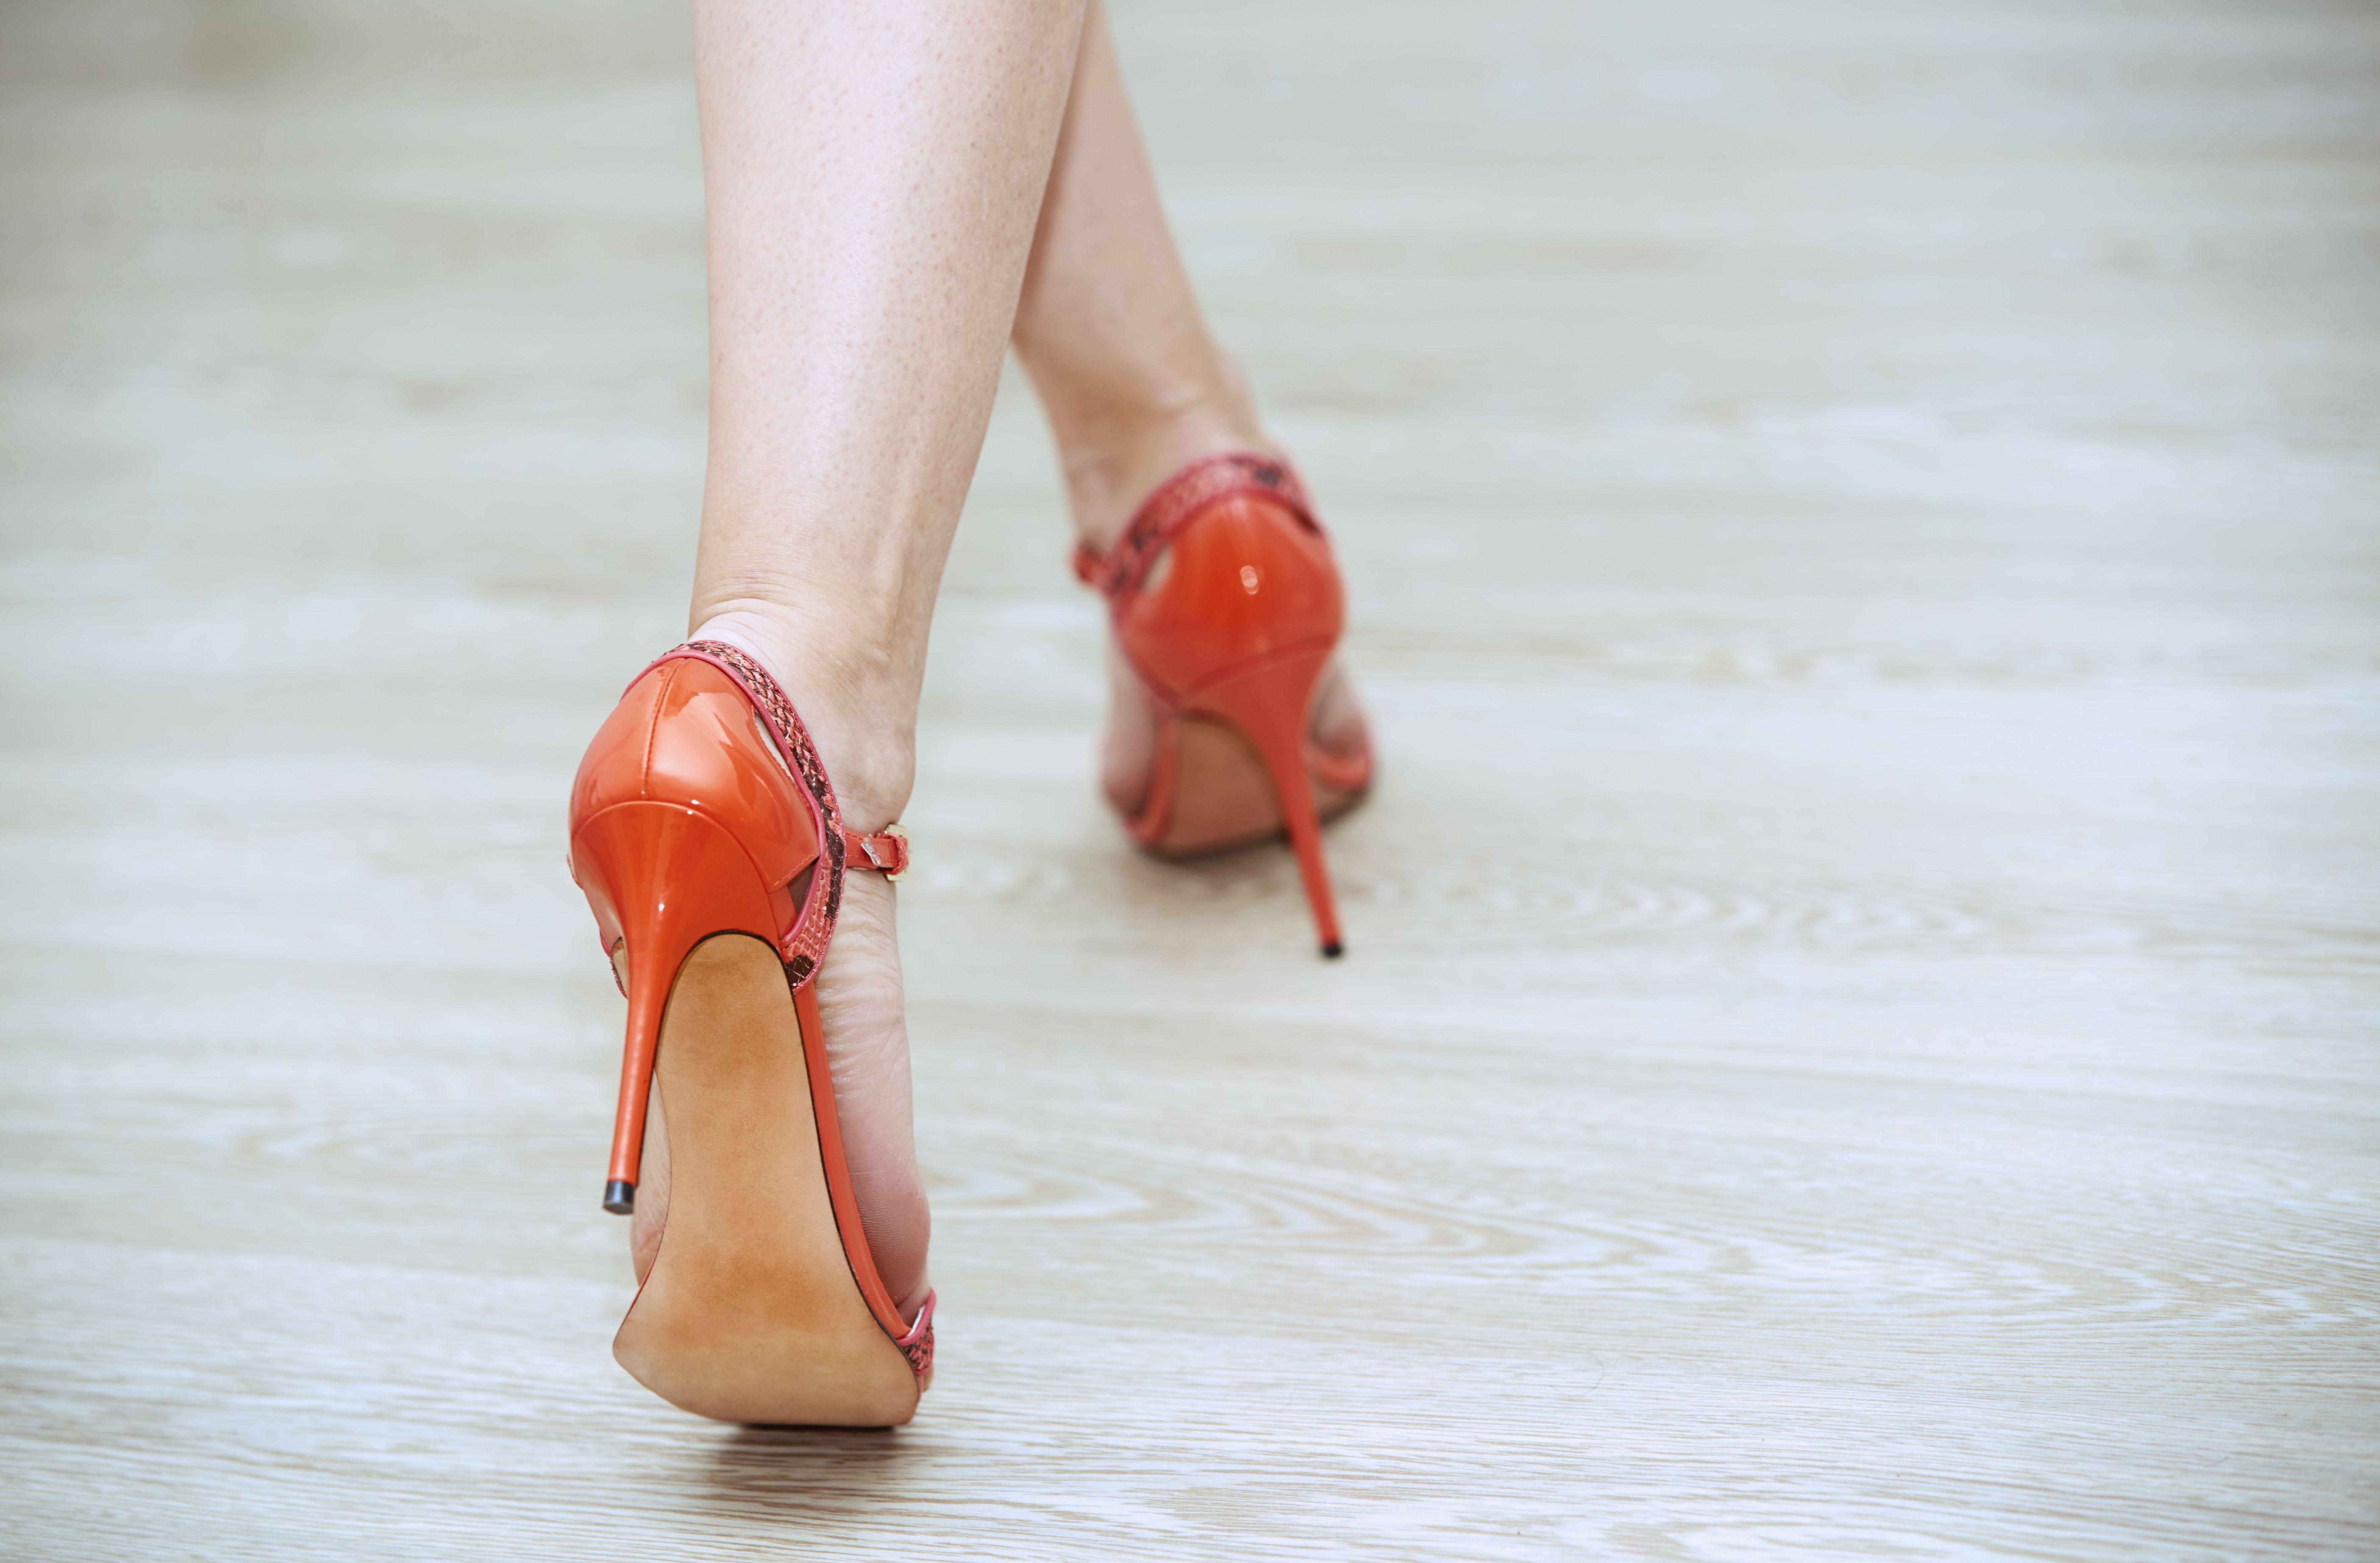 Legs of woman walking in red high heels